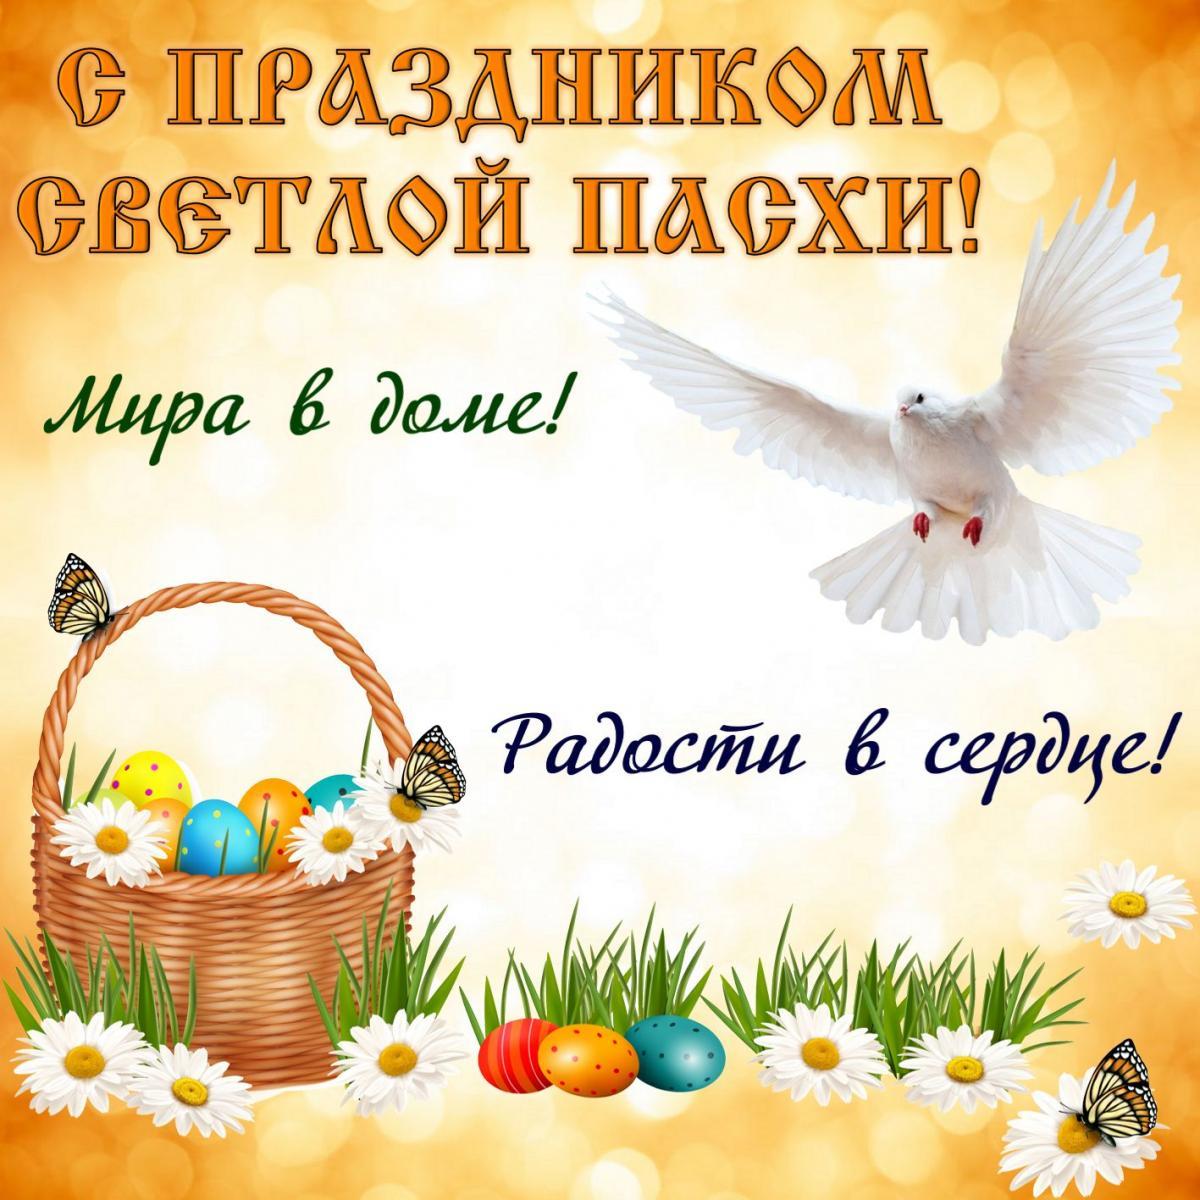 Пасха Христова 2019: картинки, гифки, открытки, красочные поздравления близким и друзьям